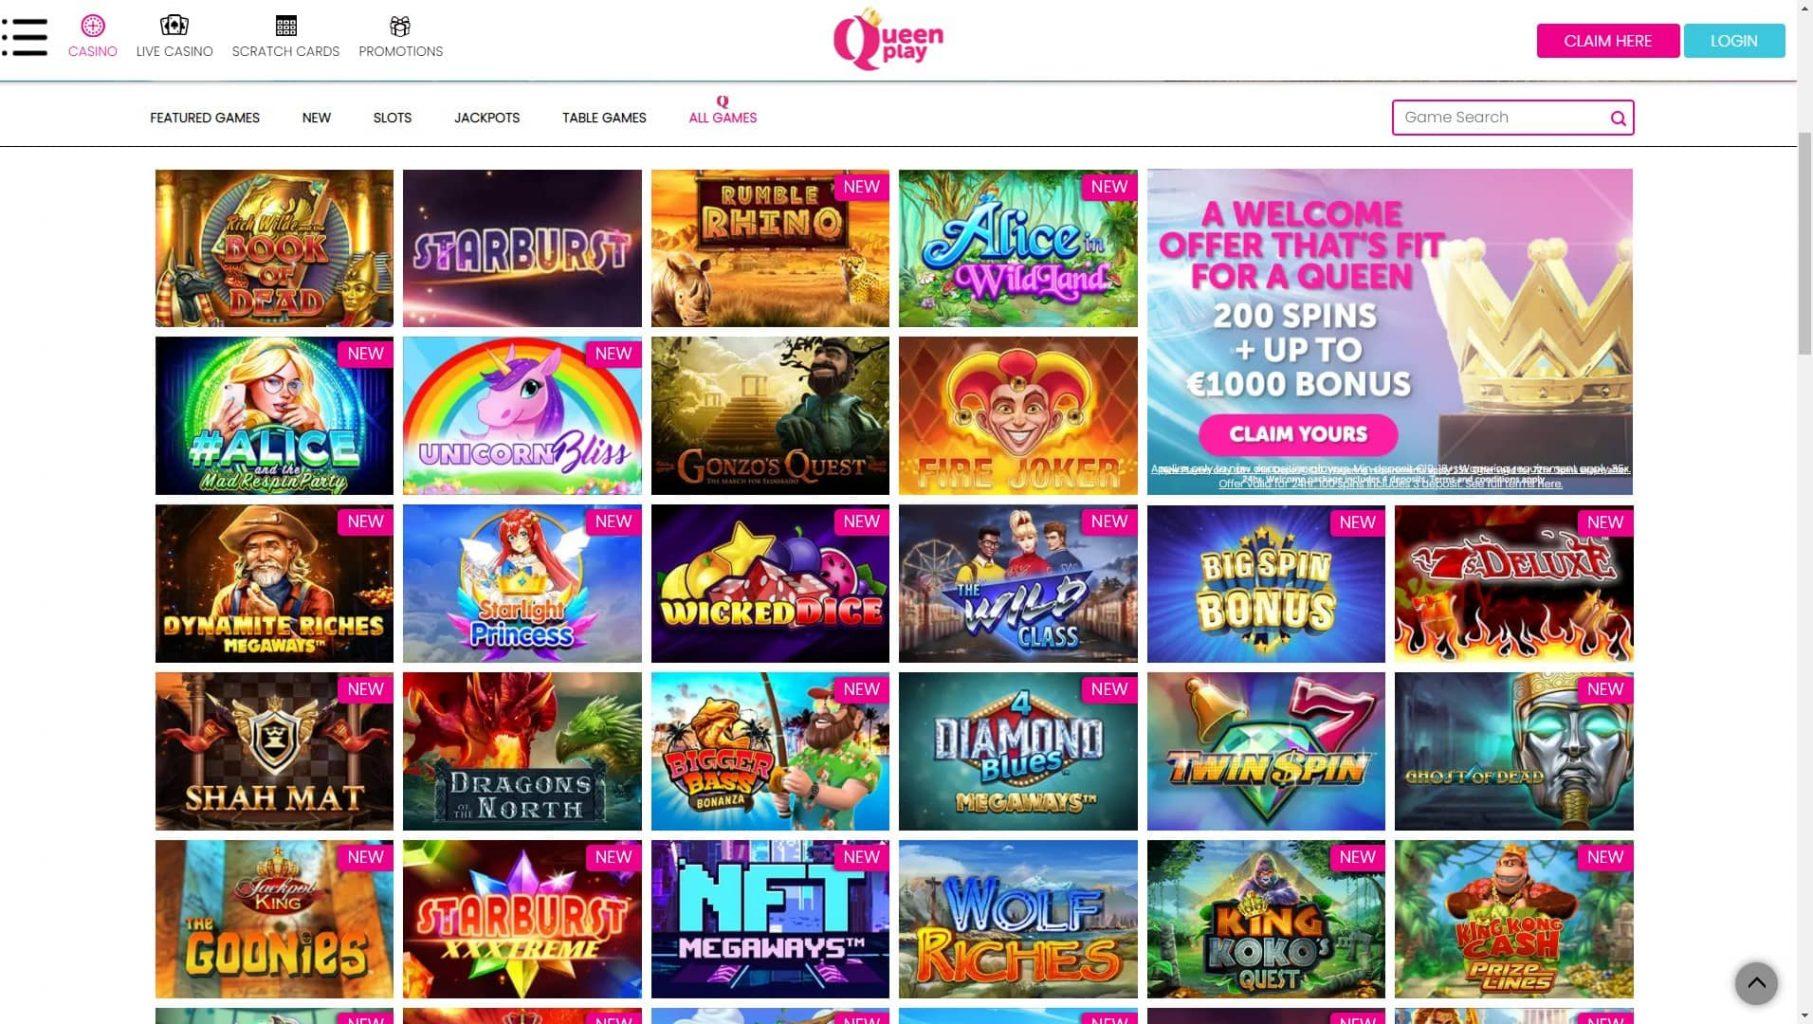 Queen Play slot games